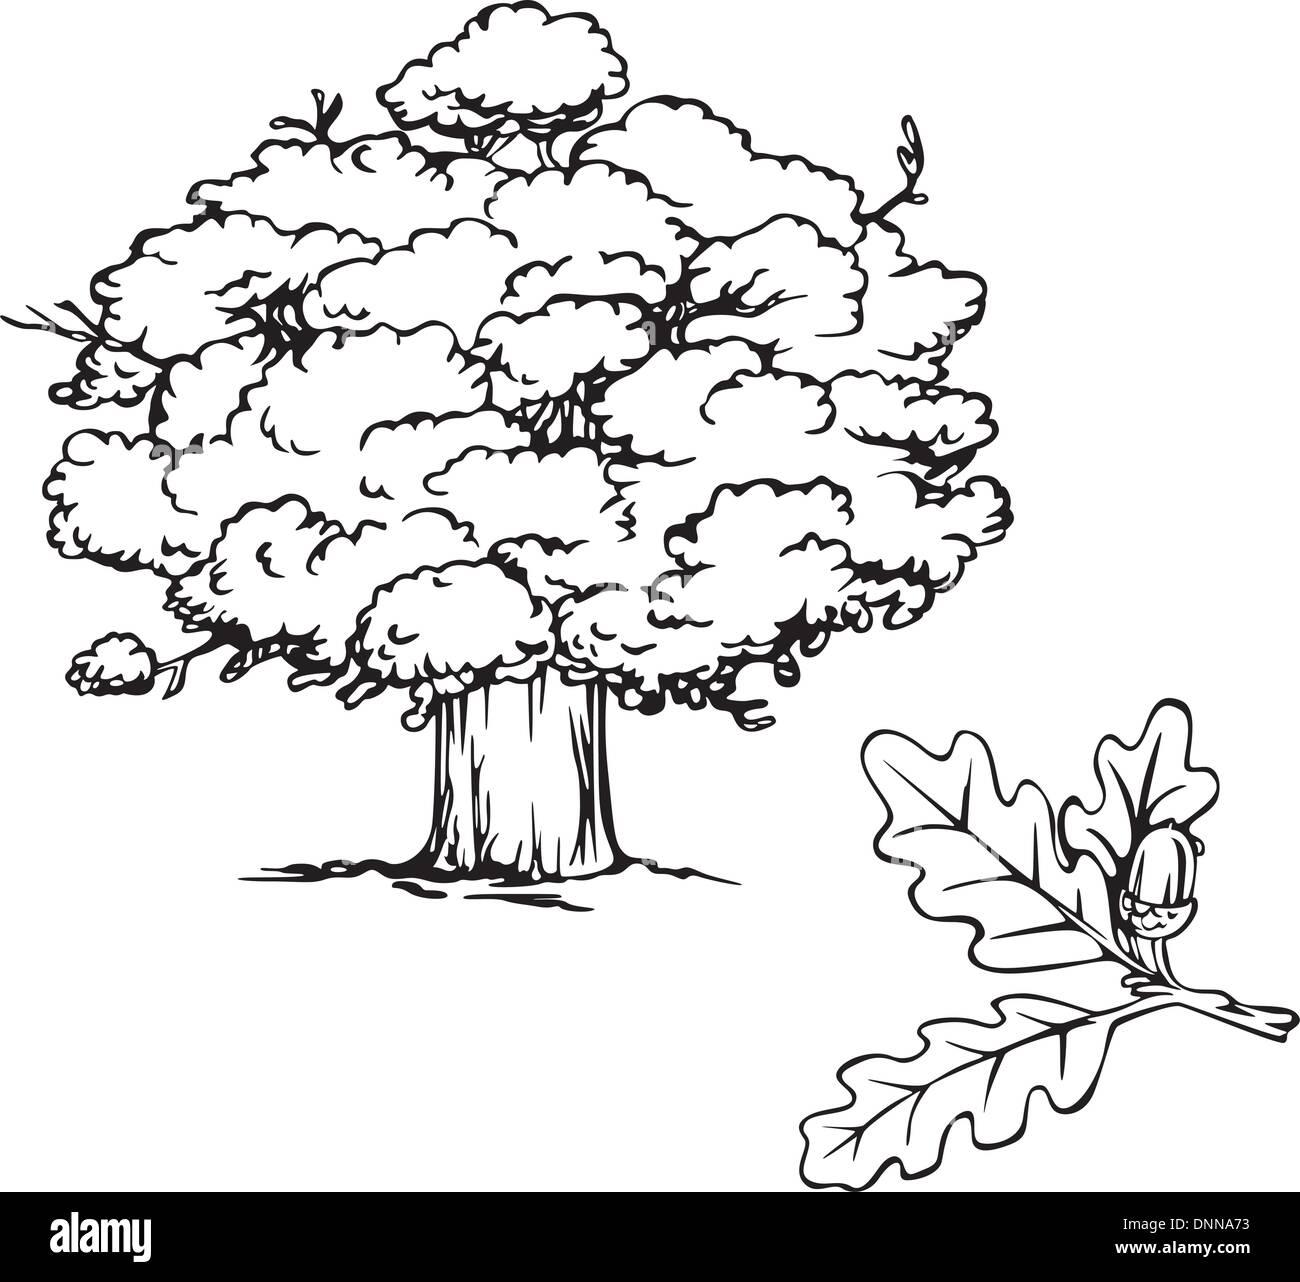 Albero di quercia e il ramo con acorn. Bianco e nero illustrazione vettoriale. Immagini Stock